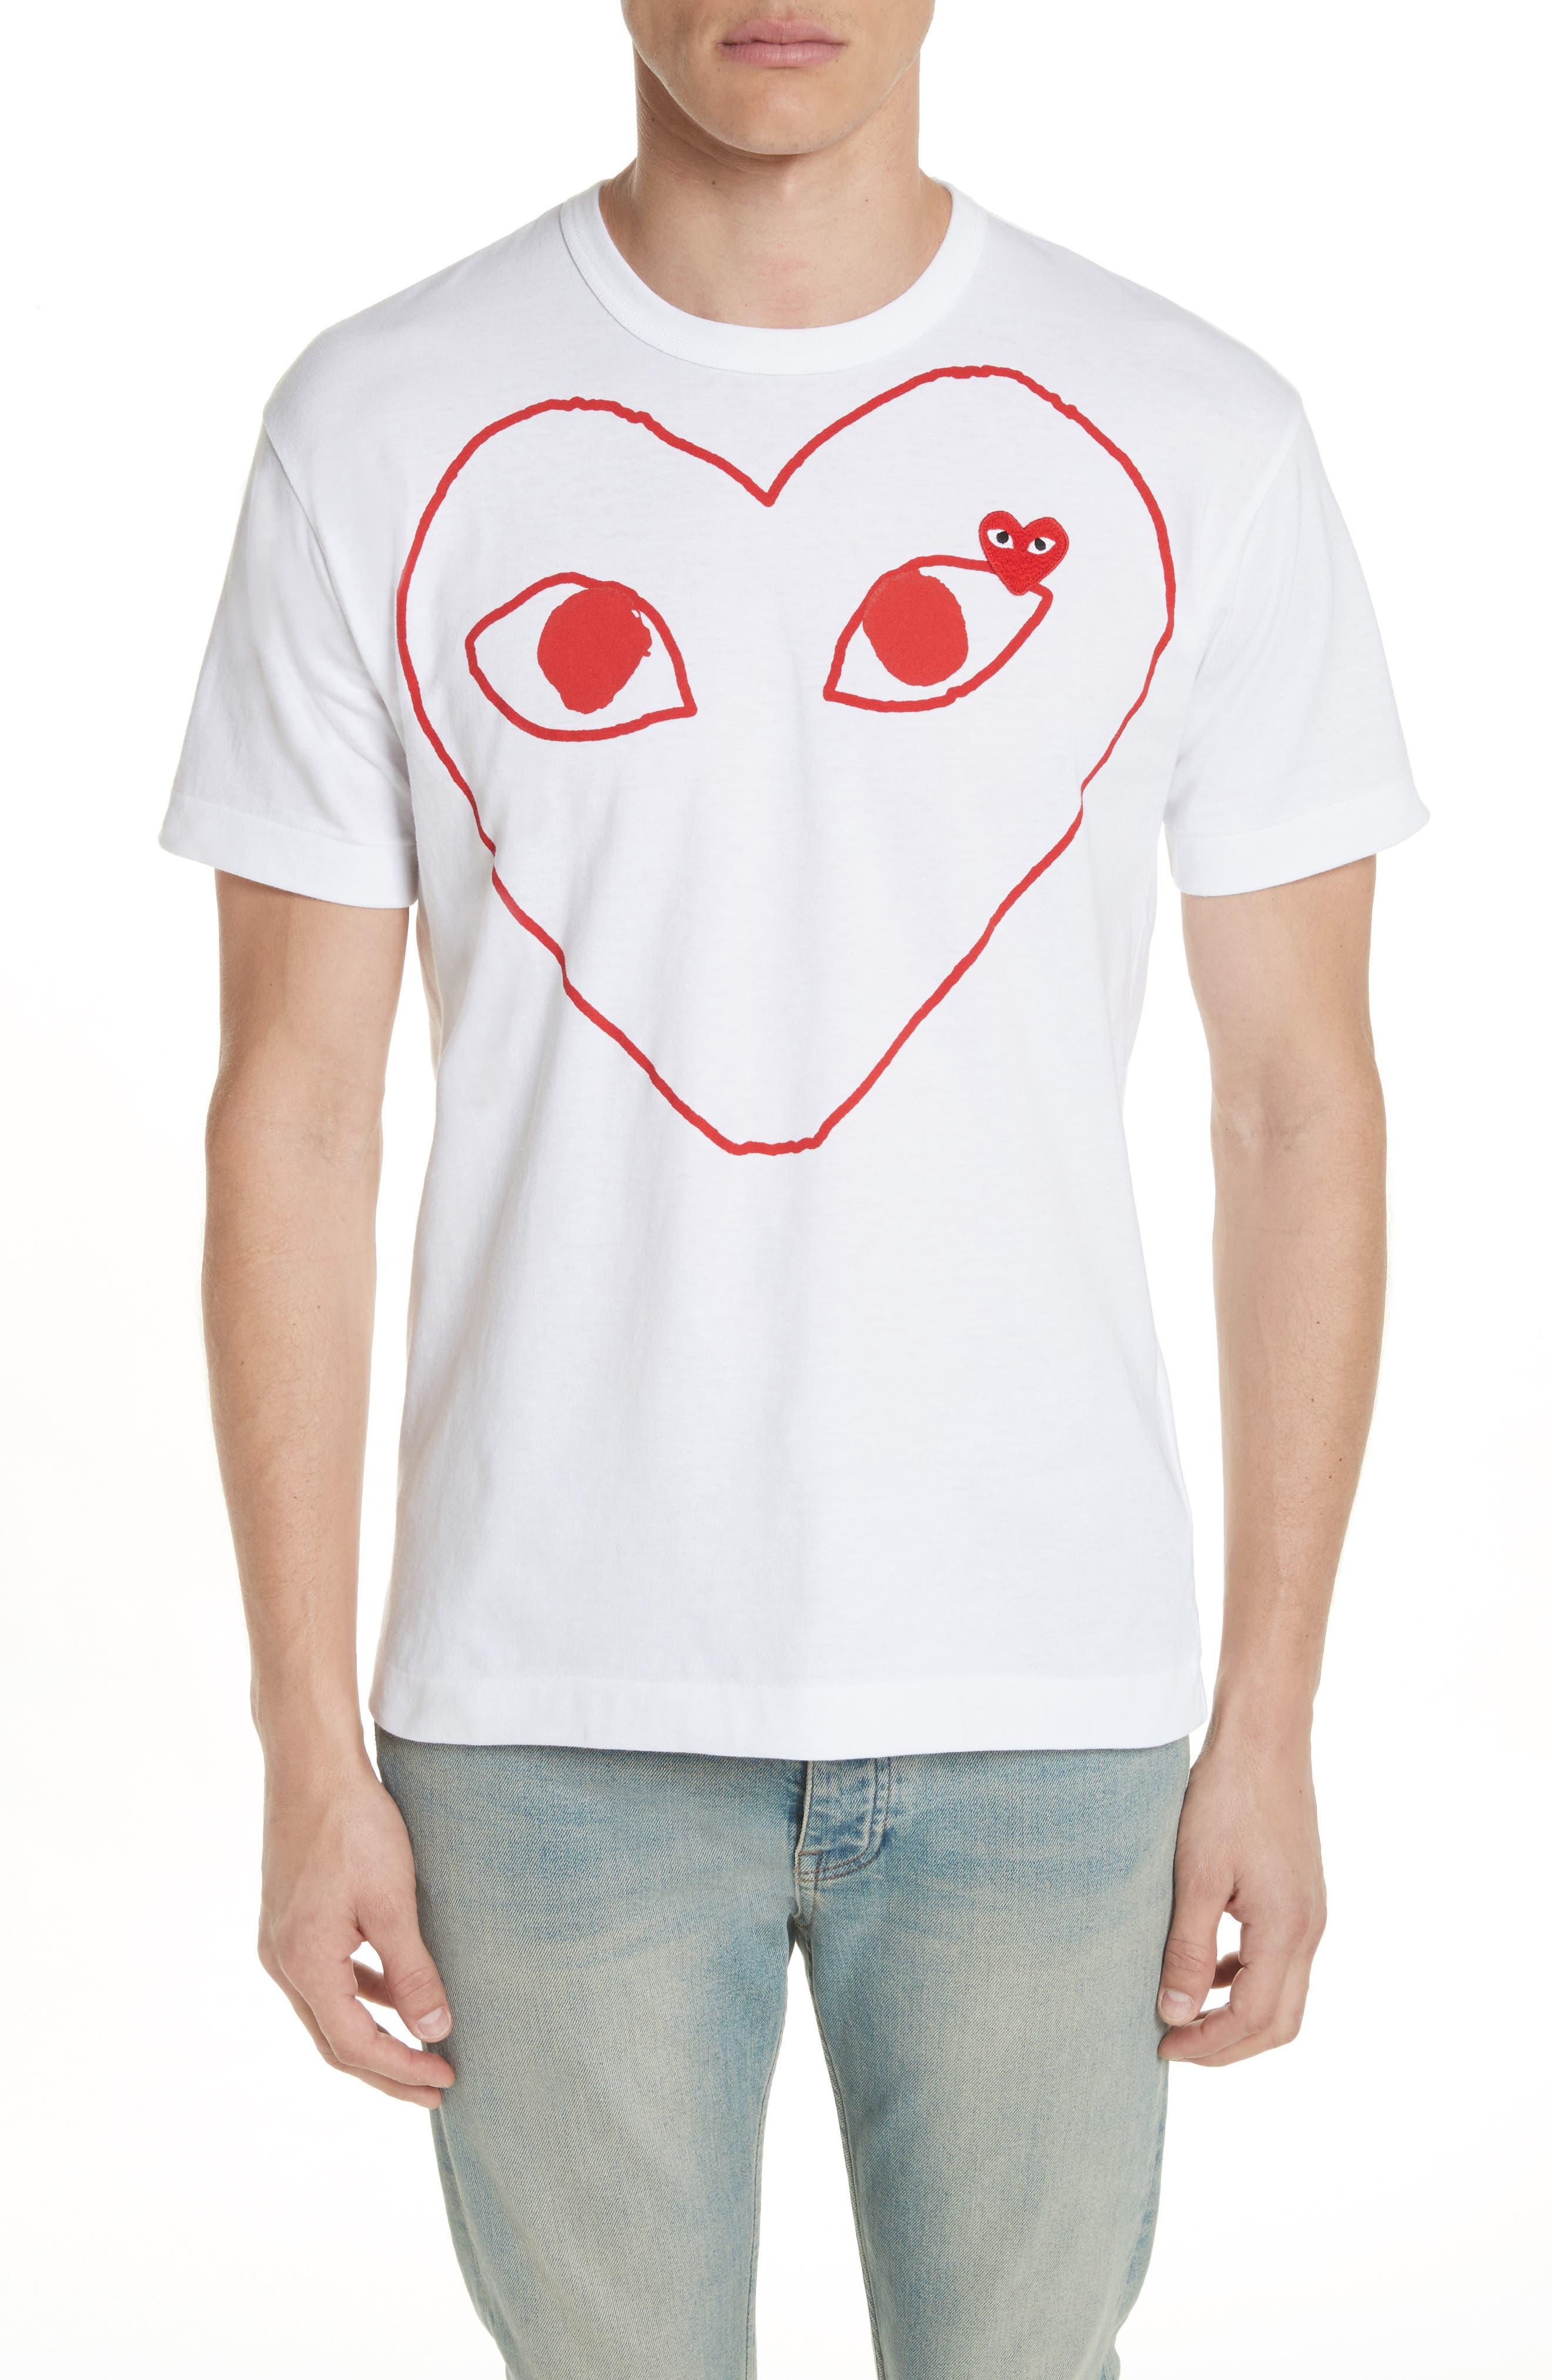 Comme des Garçons Outline Heart Graphic T-Shirt